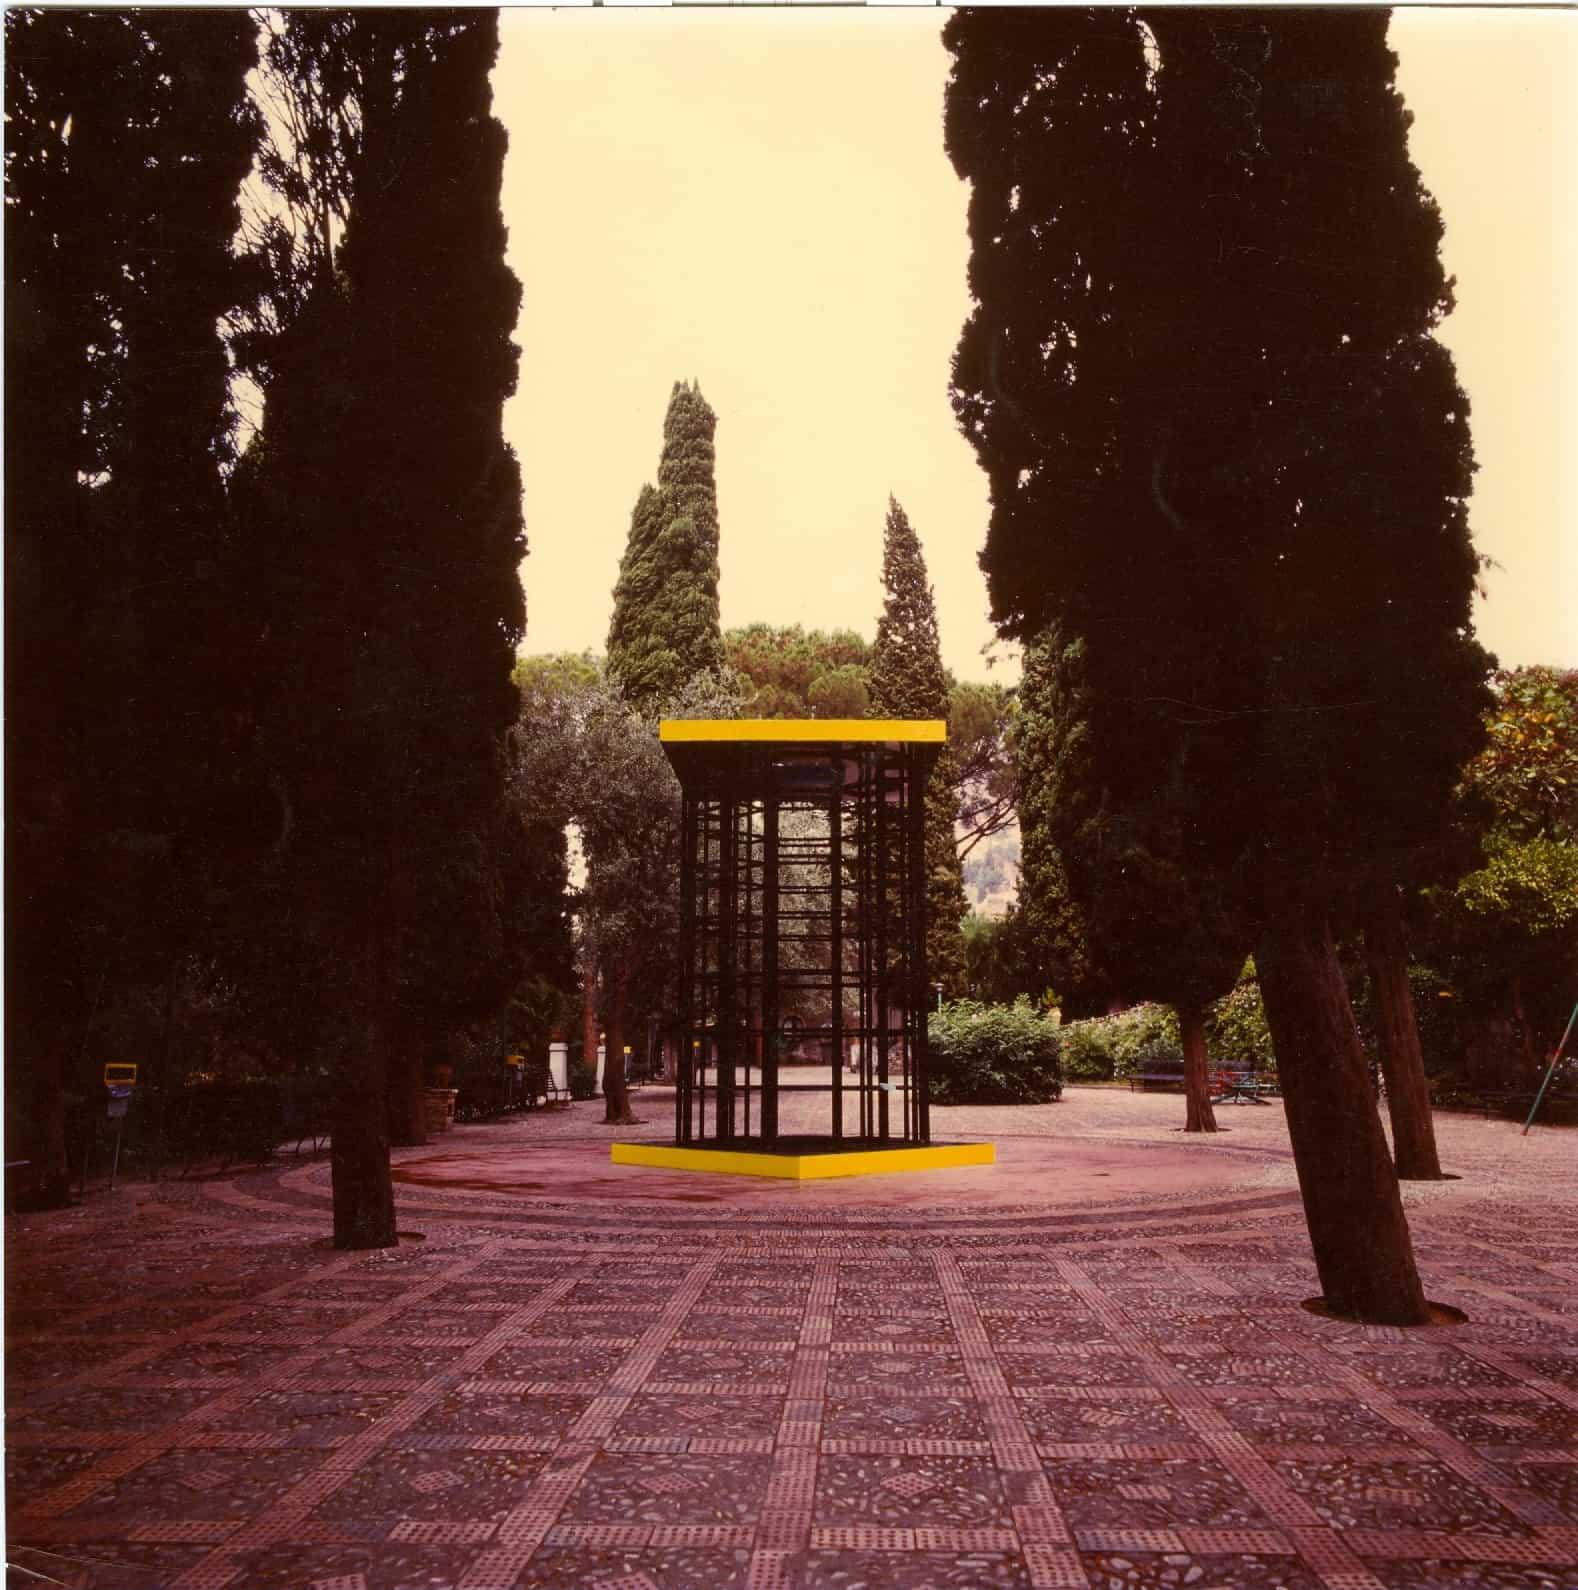 Alfredo Pirri. La notte, l'alba. 1987.